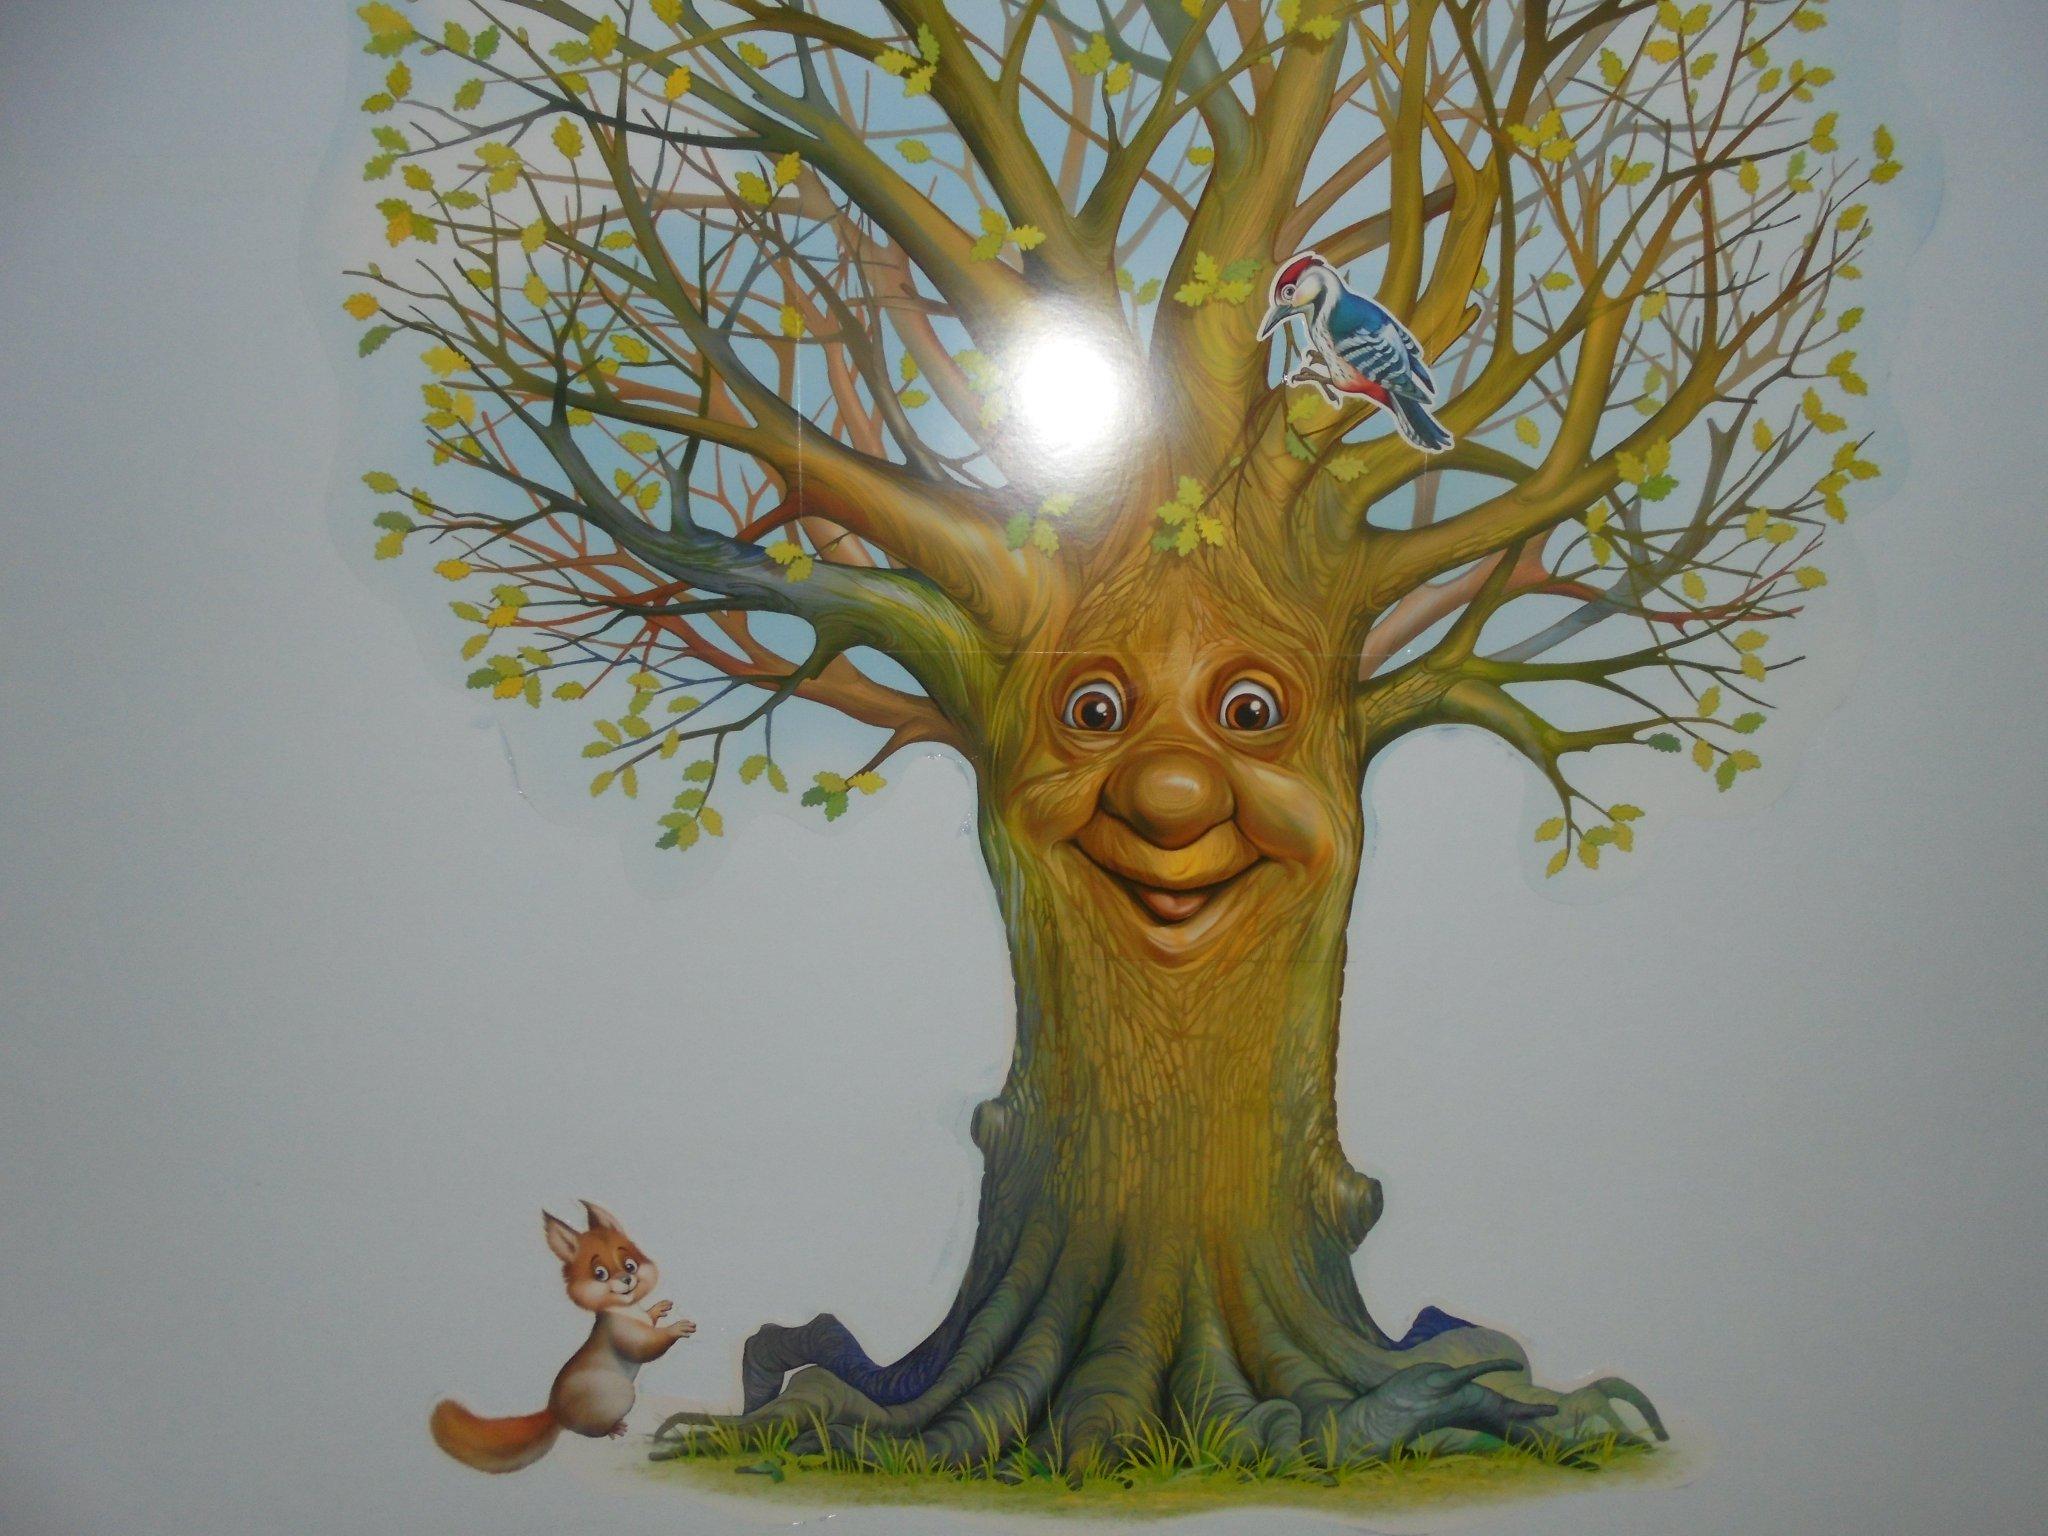 картинка сказочного дерева высоком